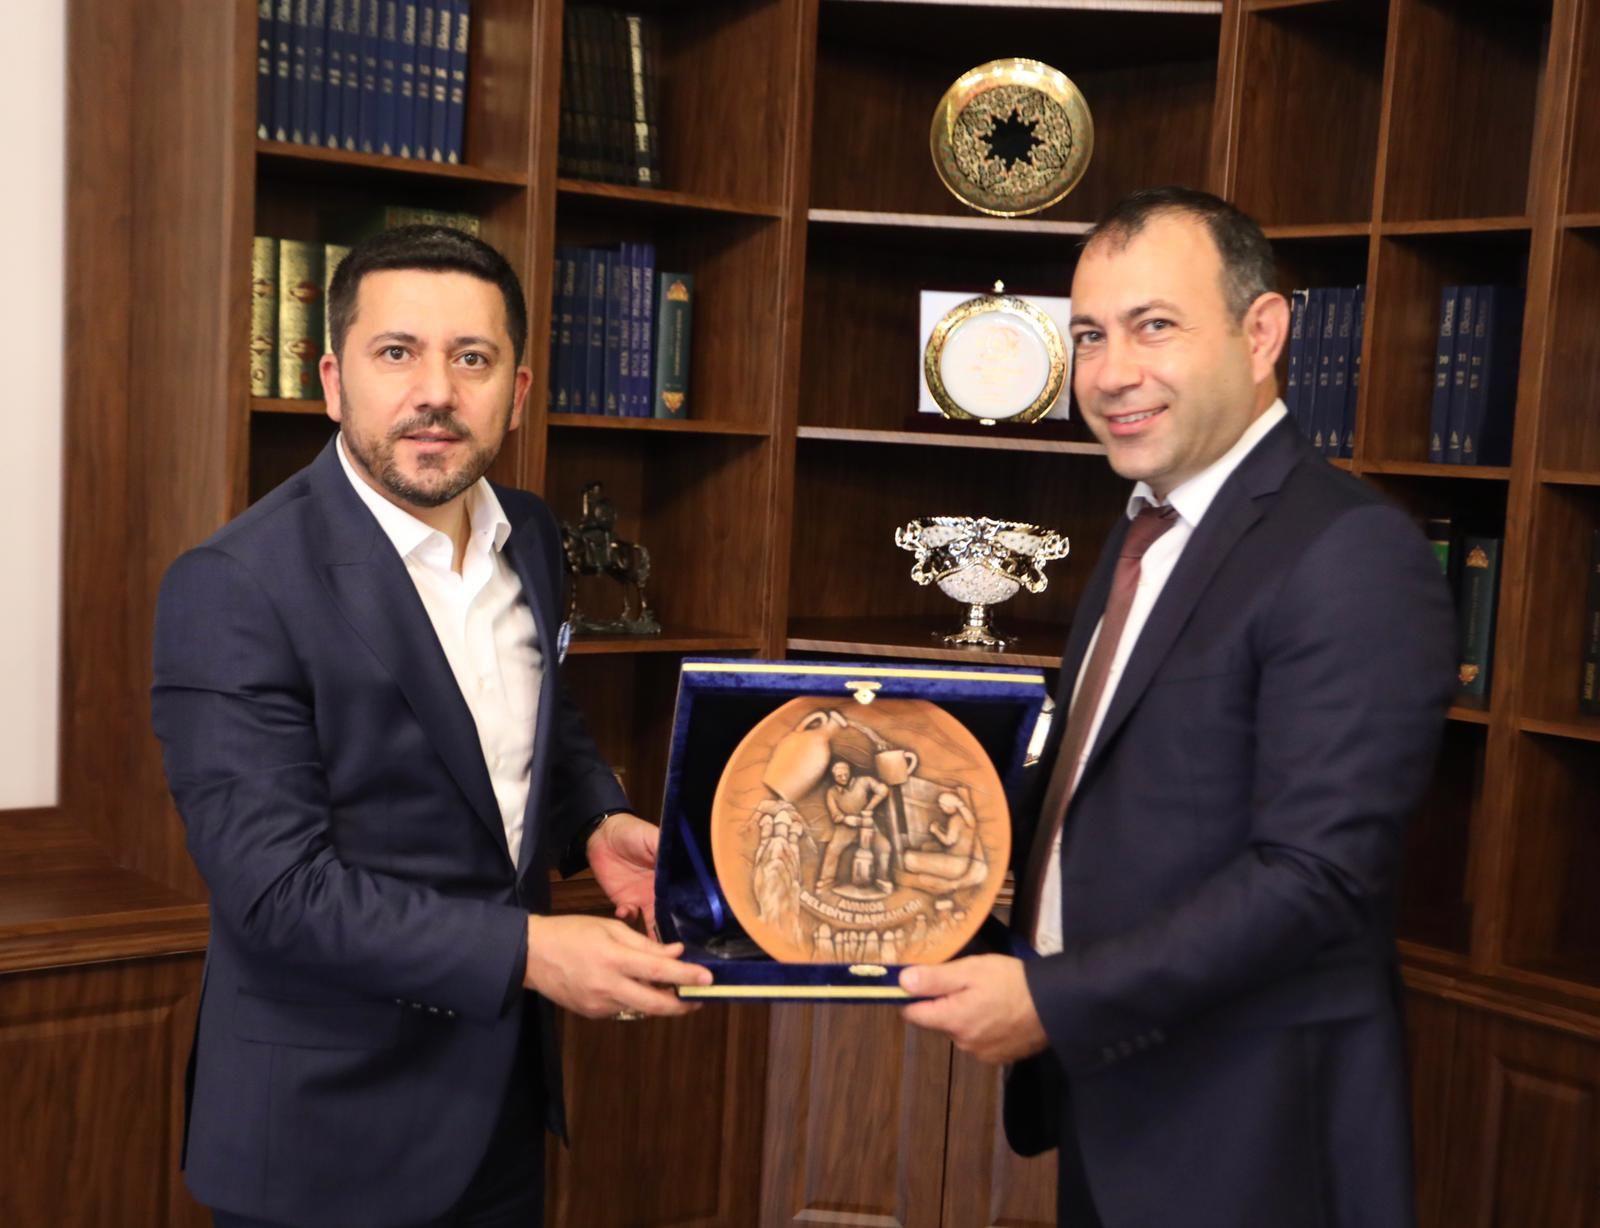 Nevşehir Belediye Başkanı Sayın Rasim Arı'ya Ziyaret.